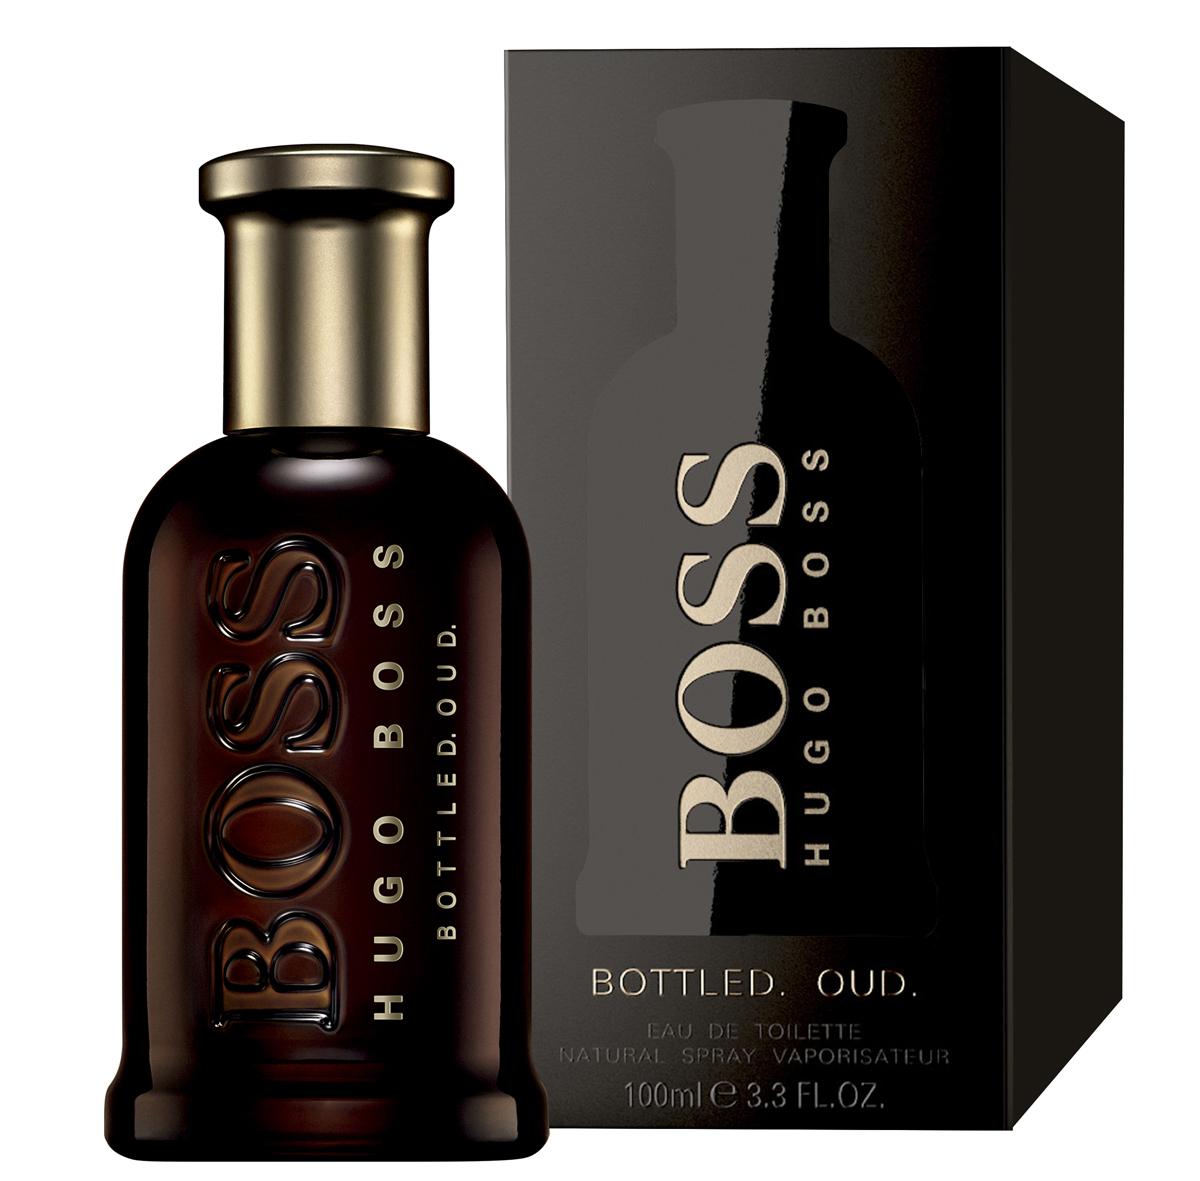 Hugo Boss Bottled Oud Парфюмерная вода мужская 100 мл0737052933269Boss Bottled Oud – глубокий, густой, обволакивающий и мистический по своему звучанию мужской восточно-древесный парфюм с бархатистыми пряными акцентами, выпущенный в 2015 году немецким модным брендом Hugo Boss. Аромат является своеобразным подарком всем любителем аромата уда. Считающийся священным на Востоке, уд последнее время начал свое победное шествие и в западной парфюмерии. Однако очень густой, дымно-сладкий аромат, столь популярный на Востоке непривычен для европейцев. Поэтому парфюмерам приходится облегчать его с помощью других ароматических ингредиентов, заставляя звучать более легко и непринужденно, как это принято в европейских парфюмерных традициях. Таким вот ароматом, стоящим одновременно на восточных и европейских традициях, и стал новый парфюм от Хьюго Босс. В нем сладковато-дымный, пряный уд буквально растворяется в бархатистых нотах корицы и горьковато-пряном шафране, будучи дополненным тонким древесно-сливочным аромата светлой древесины.Краткий гид по парфюмерии: виды, ноты, ароматы, советы по выбору. Статья OZON Гид